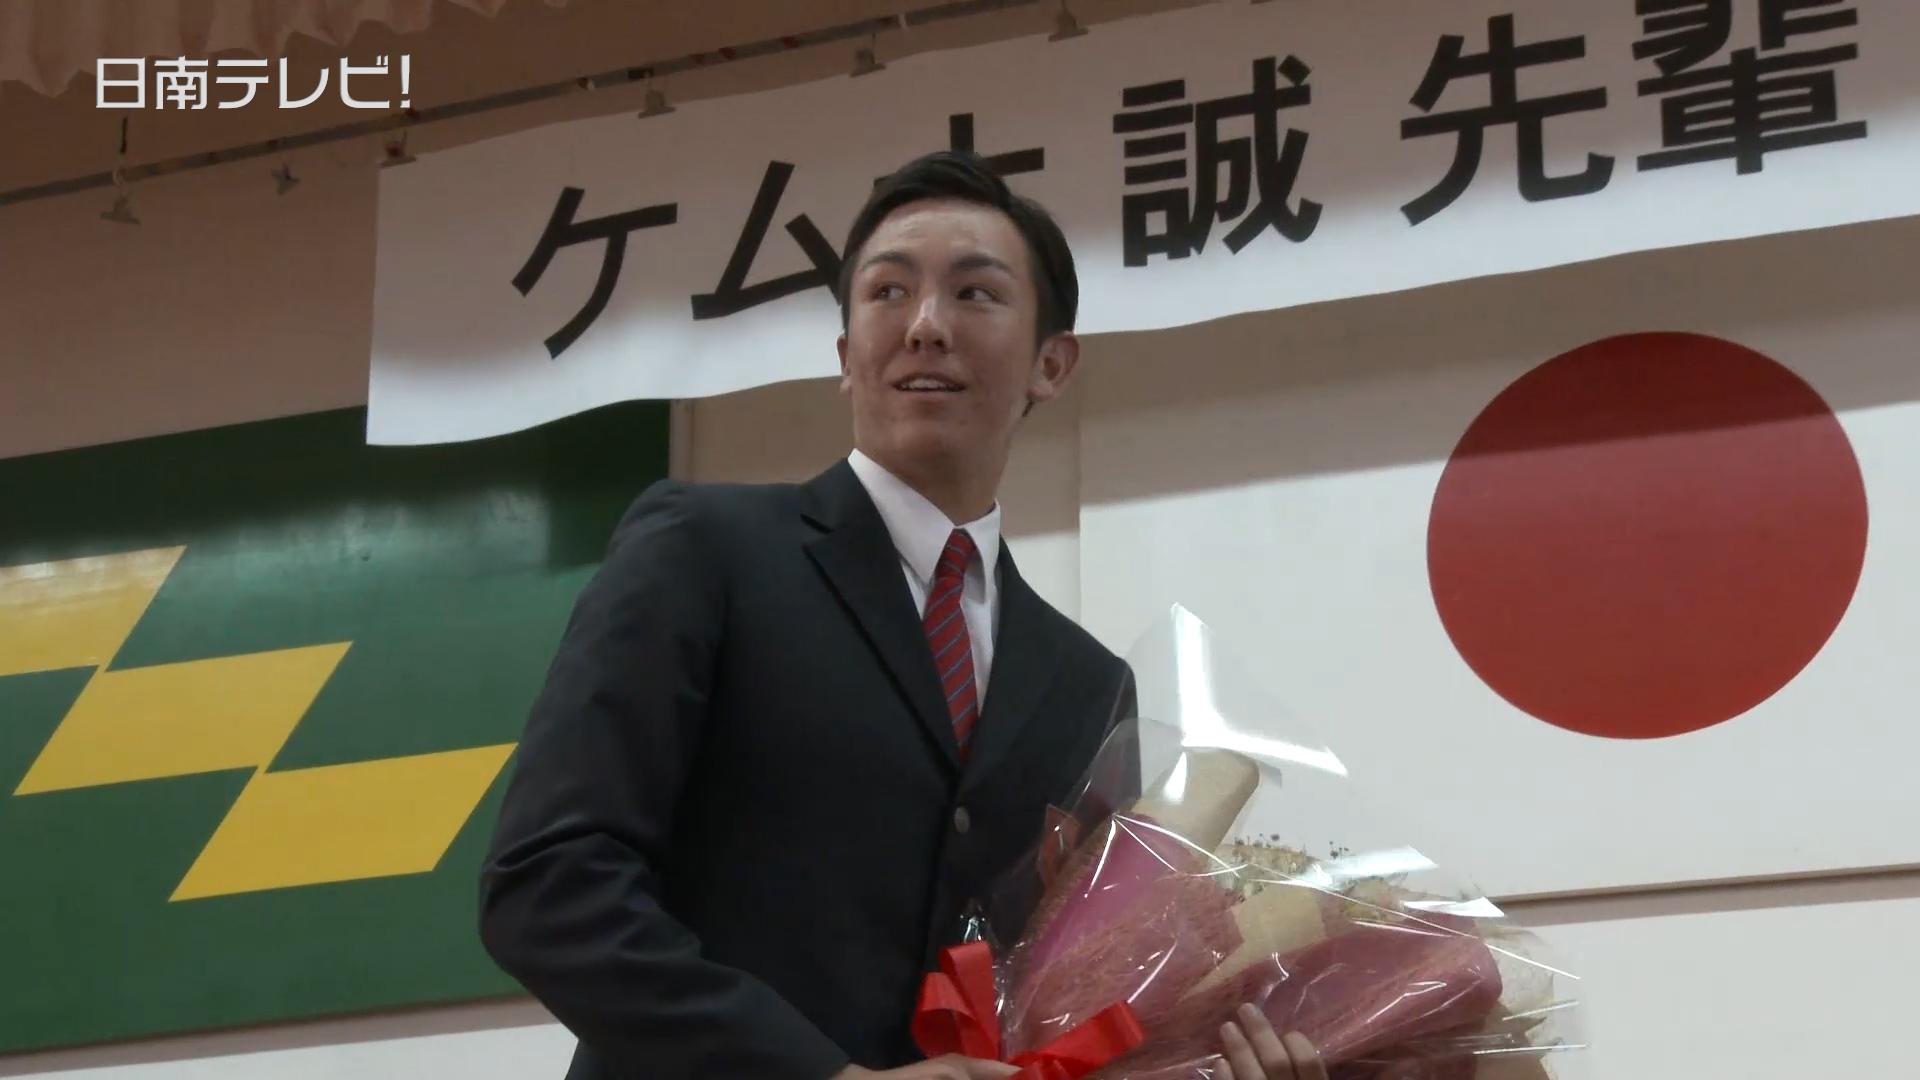 広島 ケムナ投手 母校に訪問